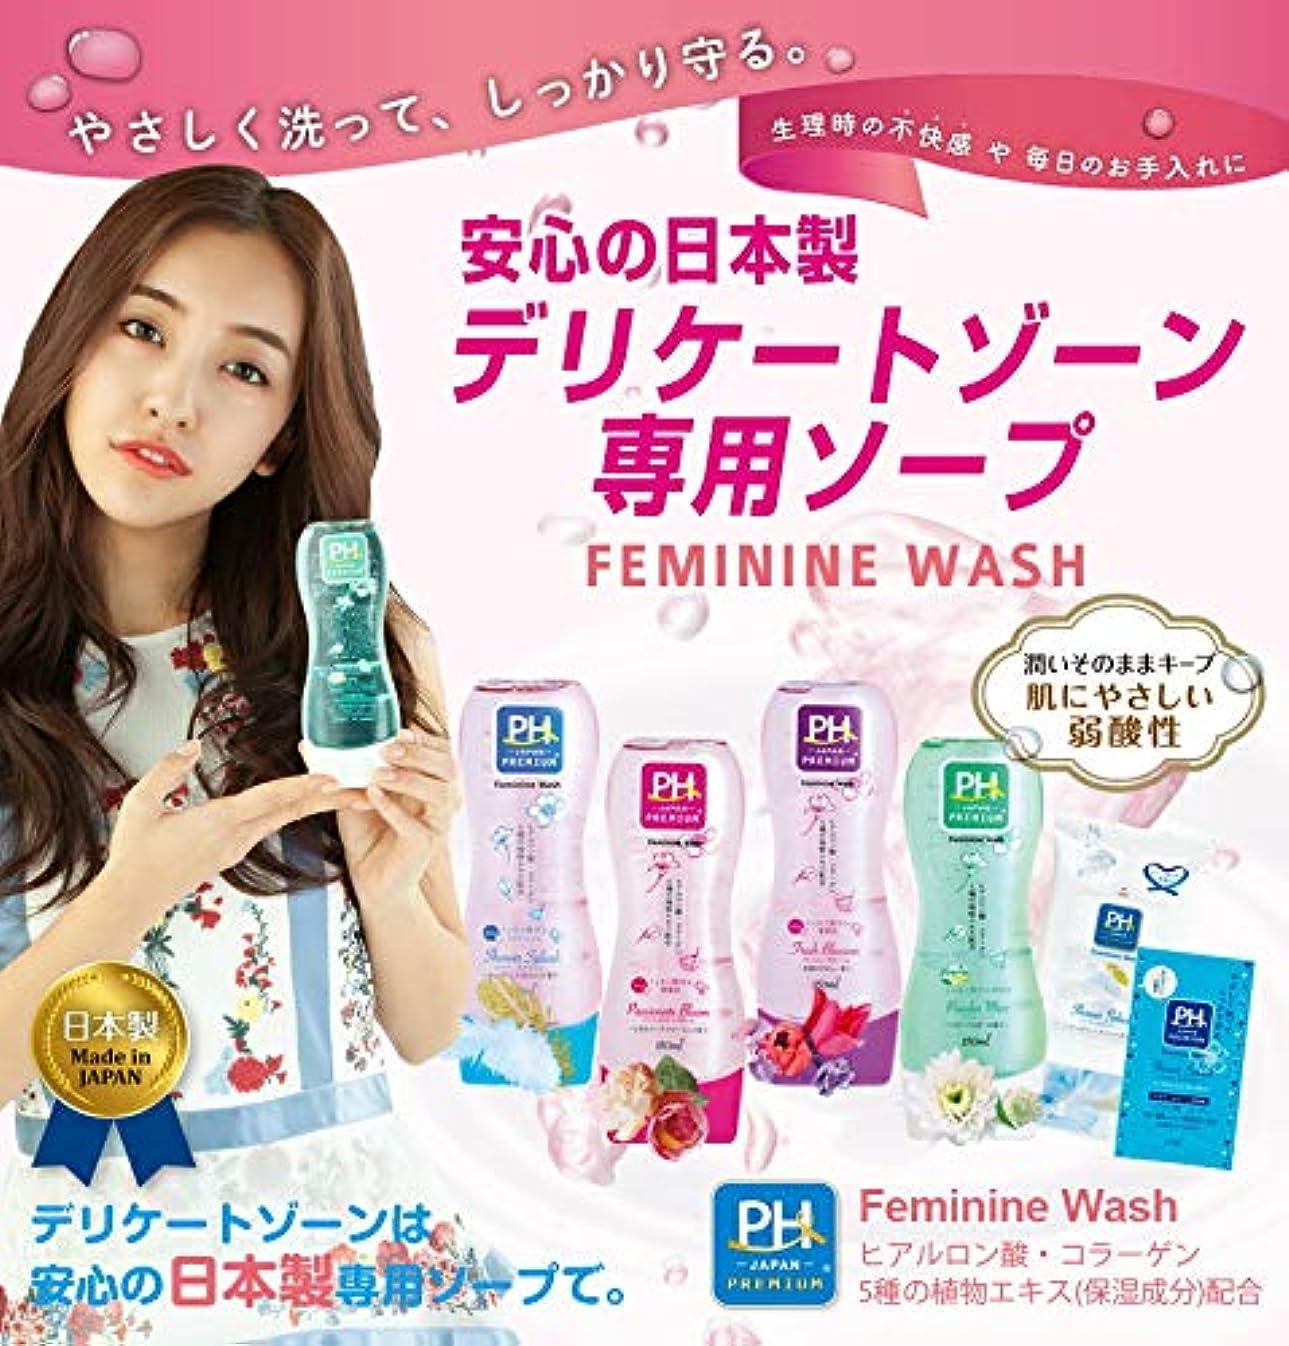 含める正統派引き受けるPH JAPAN プレミアム フェミニンウォッシュ パッショネイトブルーム150ml上品なローズフローラルの香り 3本セット